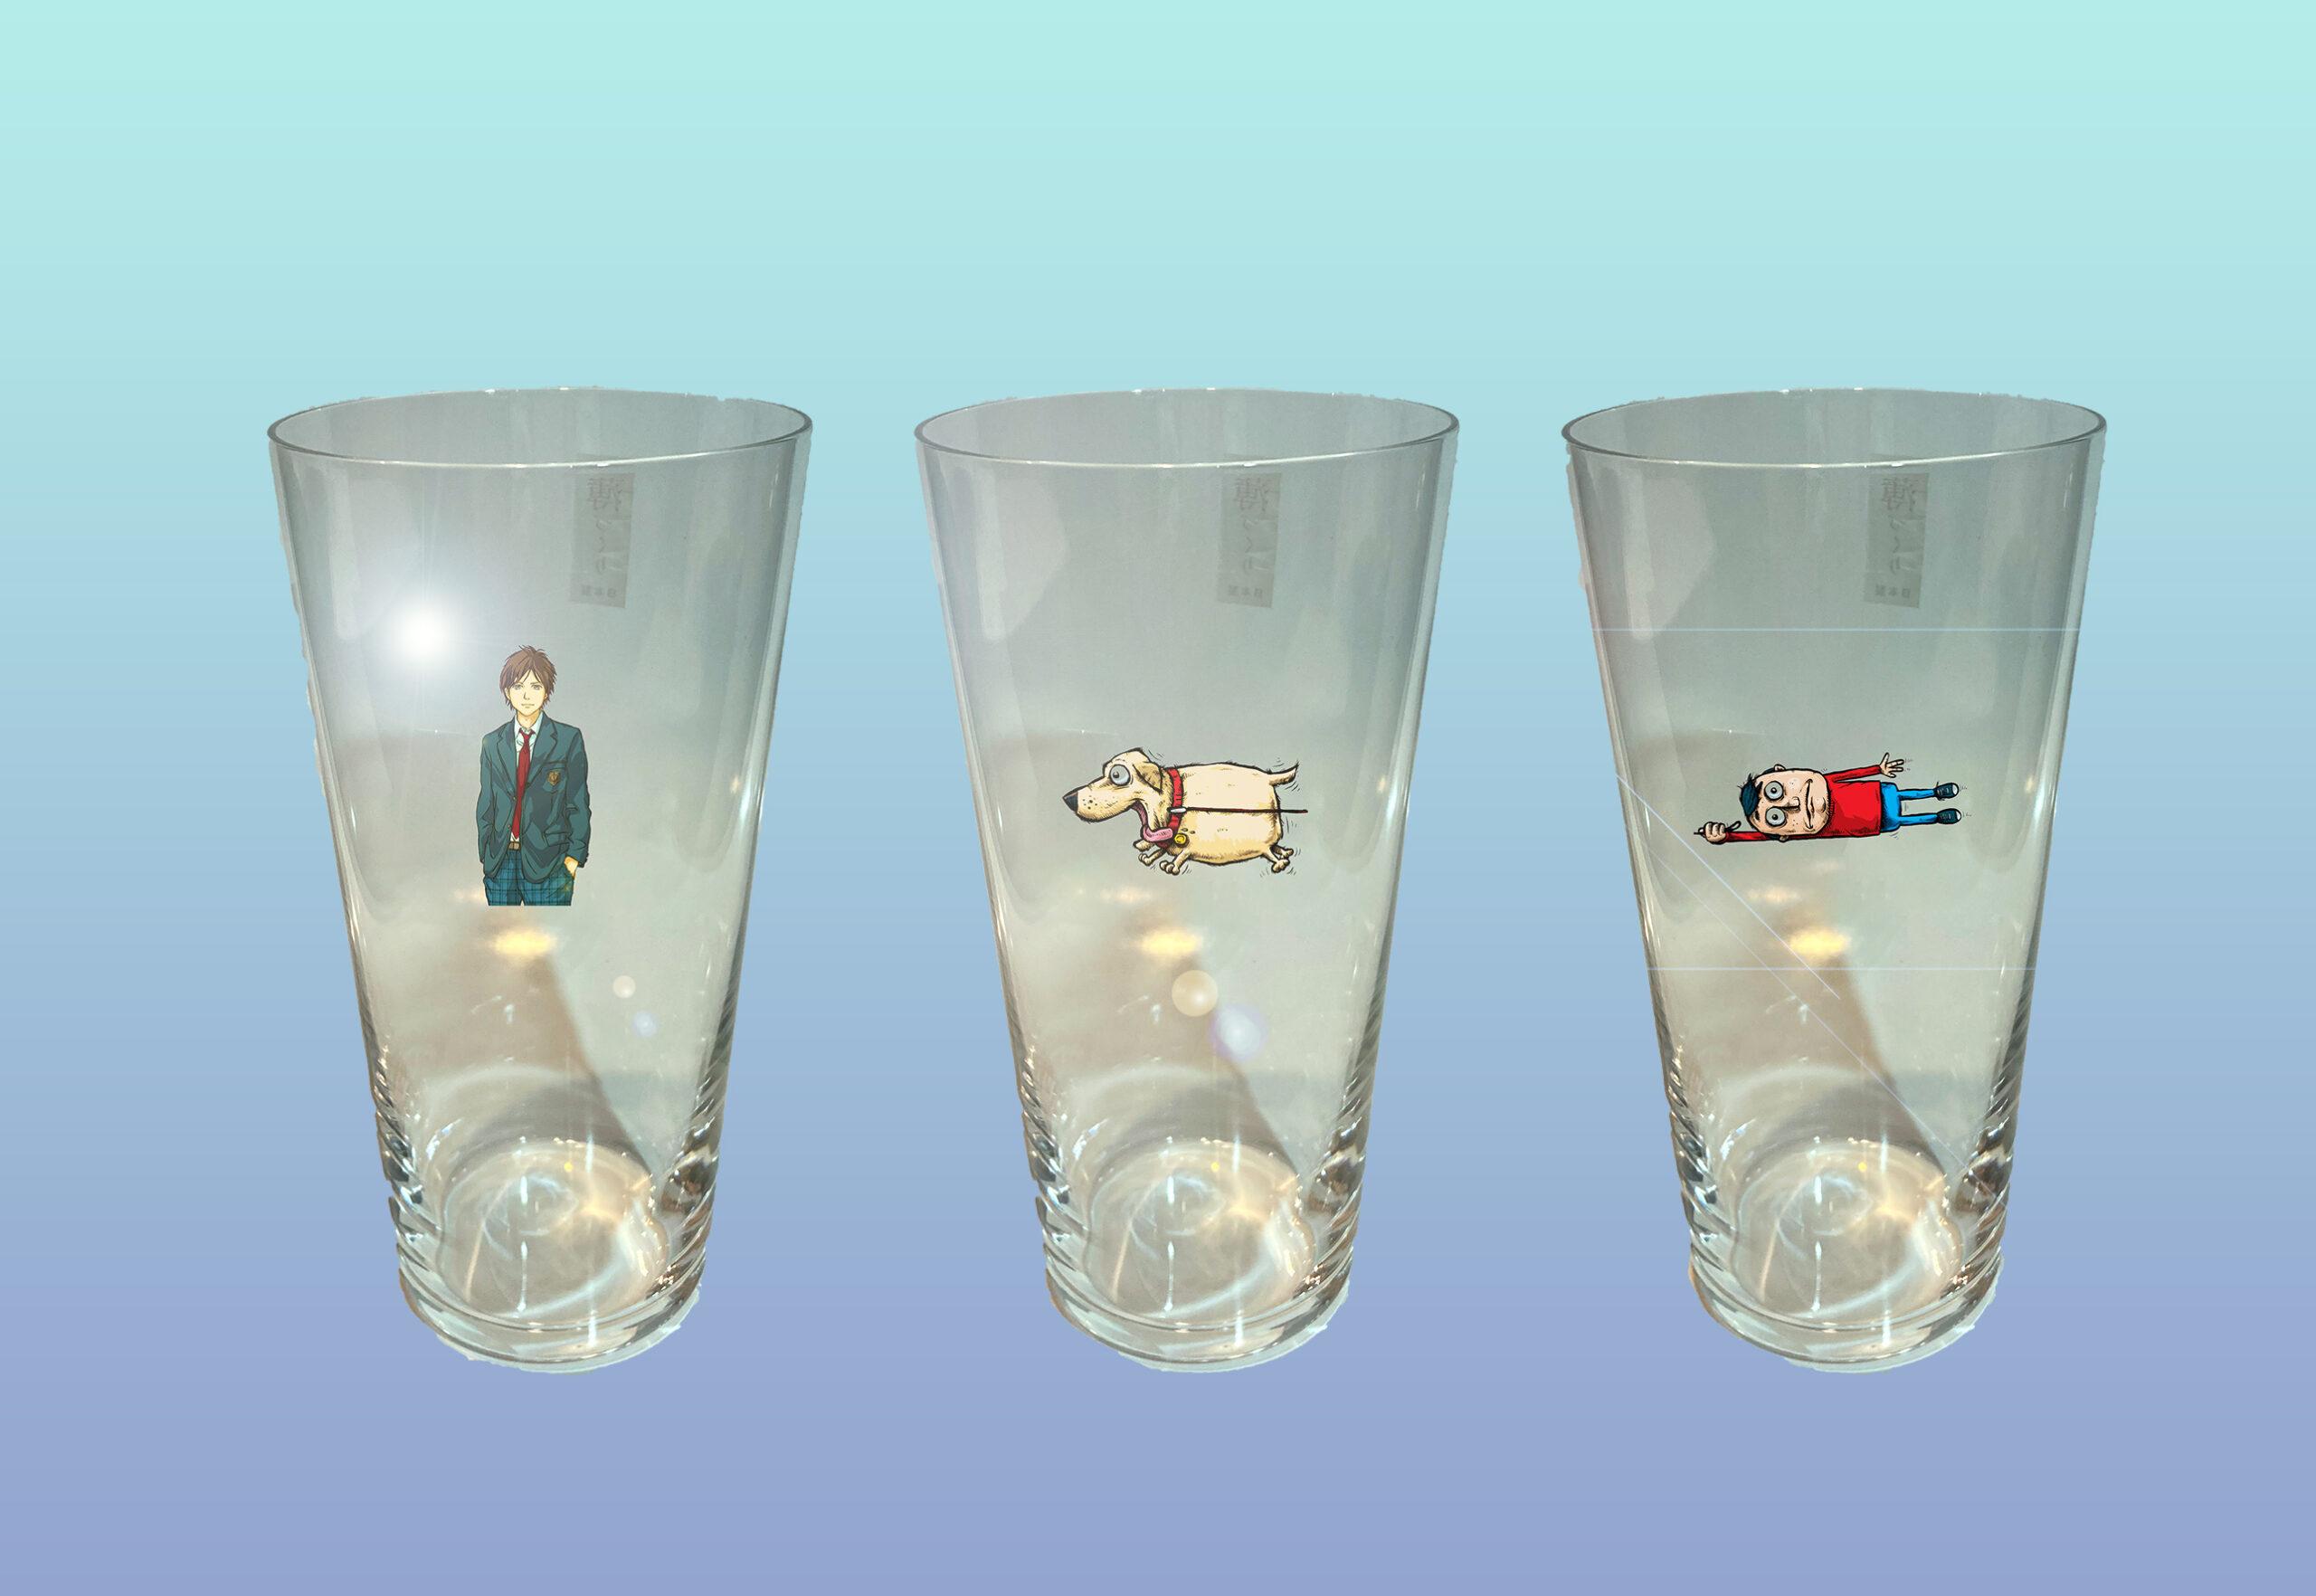 Laxeropラージェロップ グラス